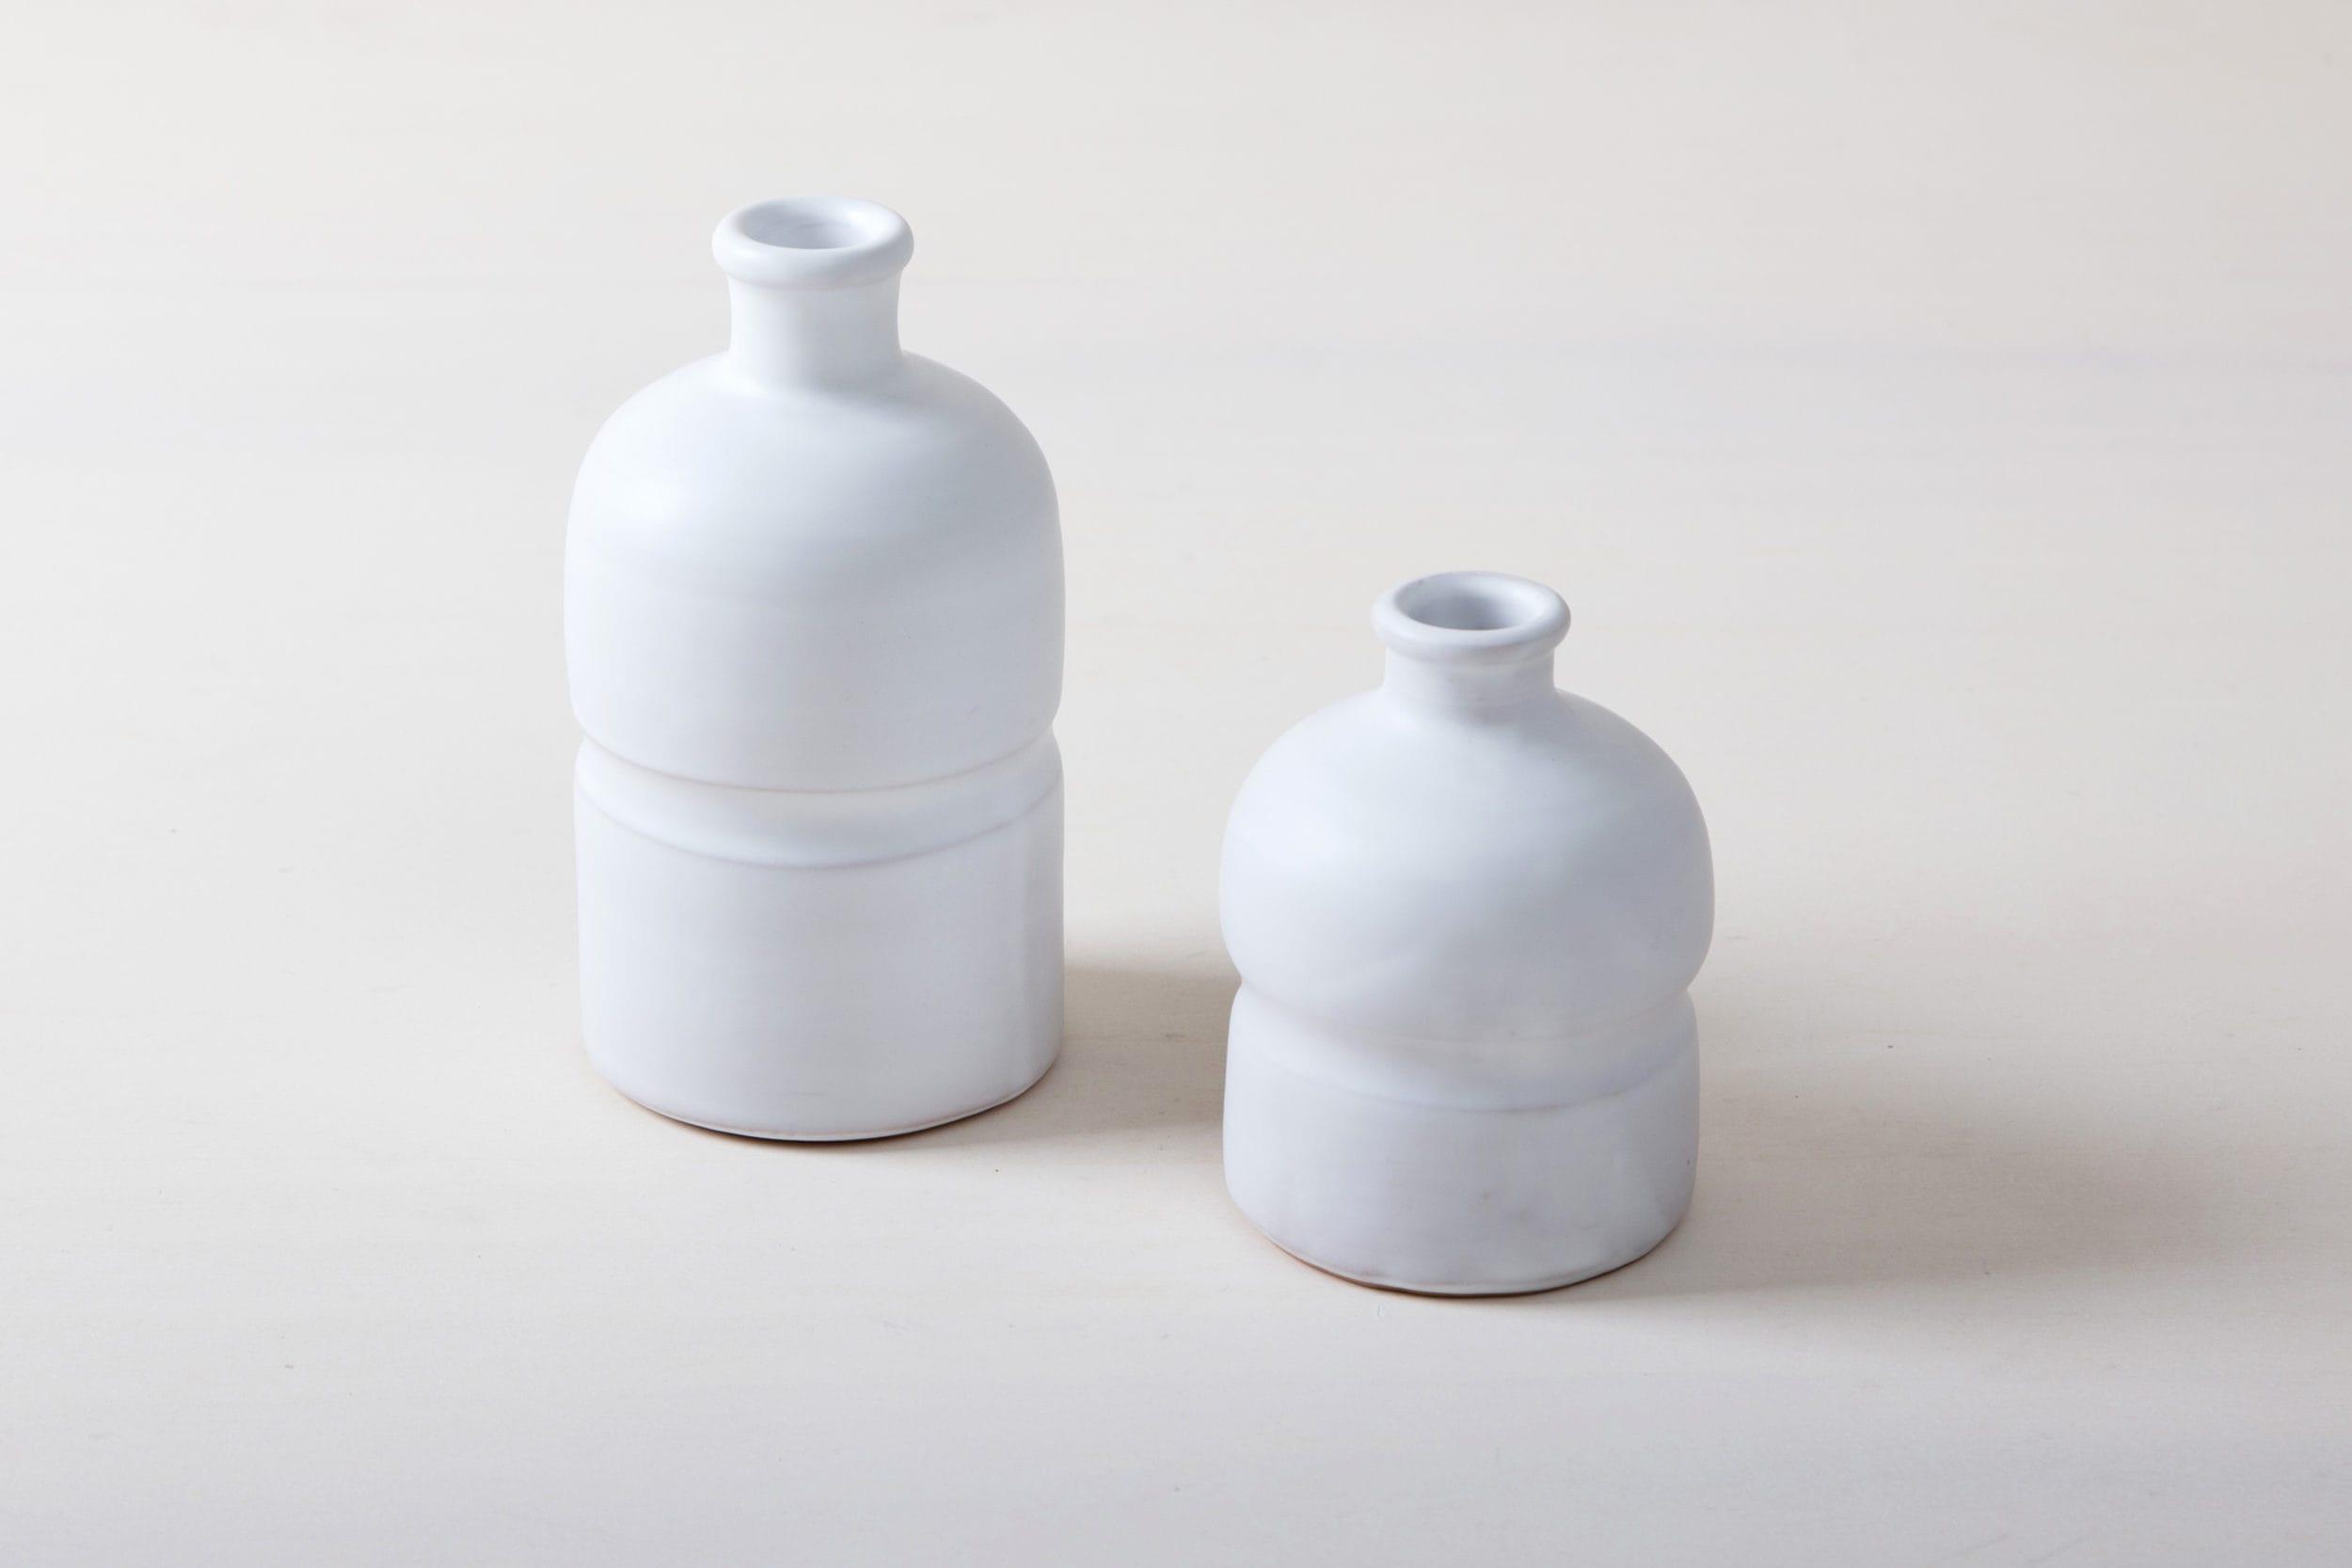 Vase, Tischdekoration, Hochzeits, Mietgeschirr